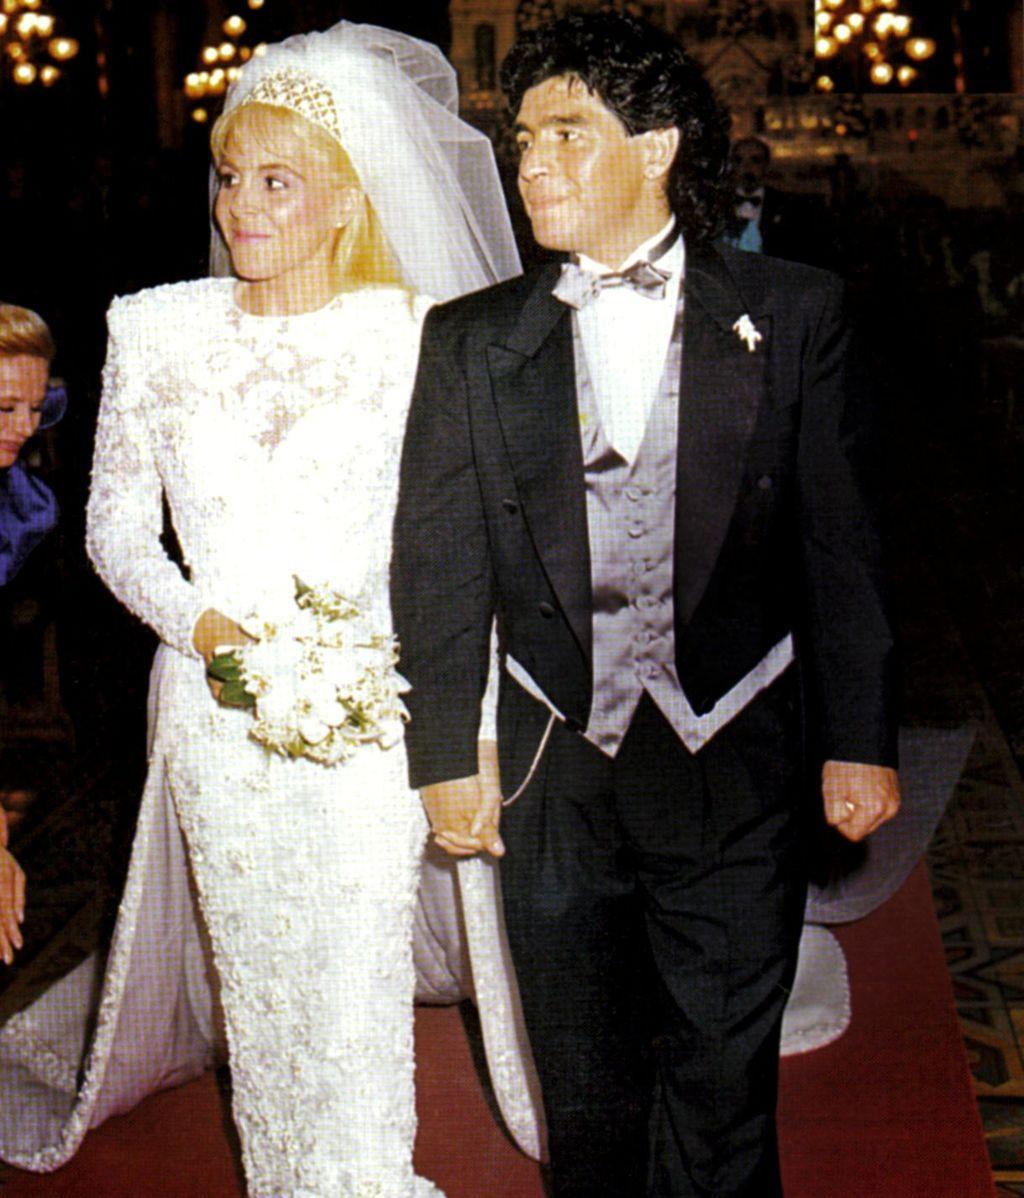 Boda de Maradona y Claudia Villafañe